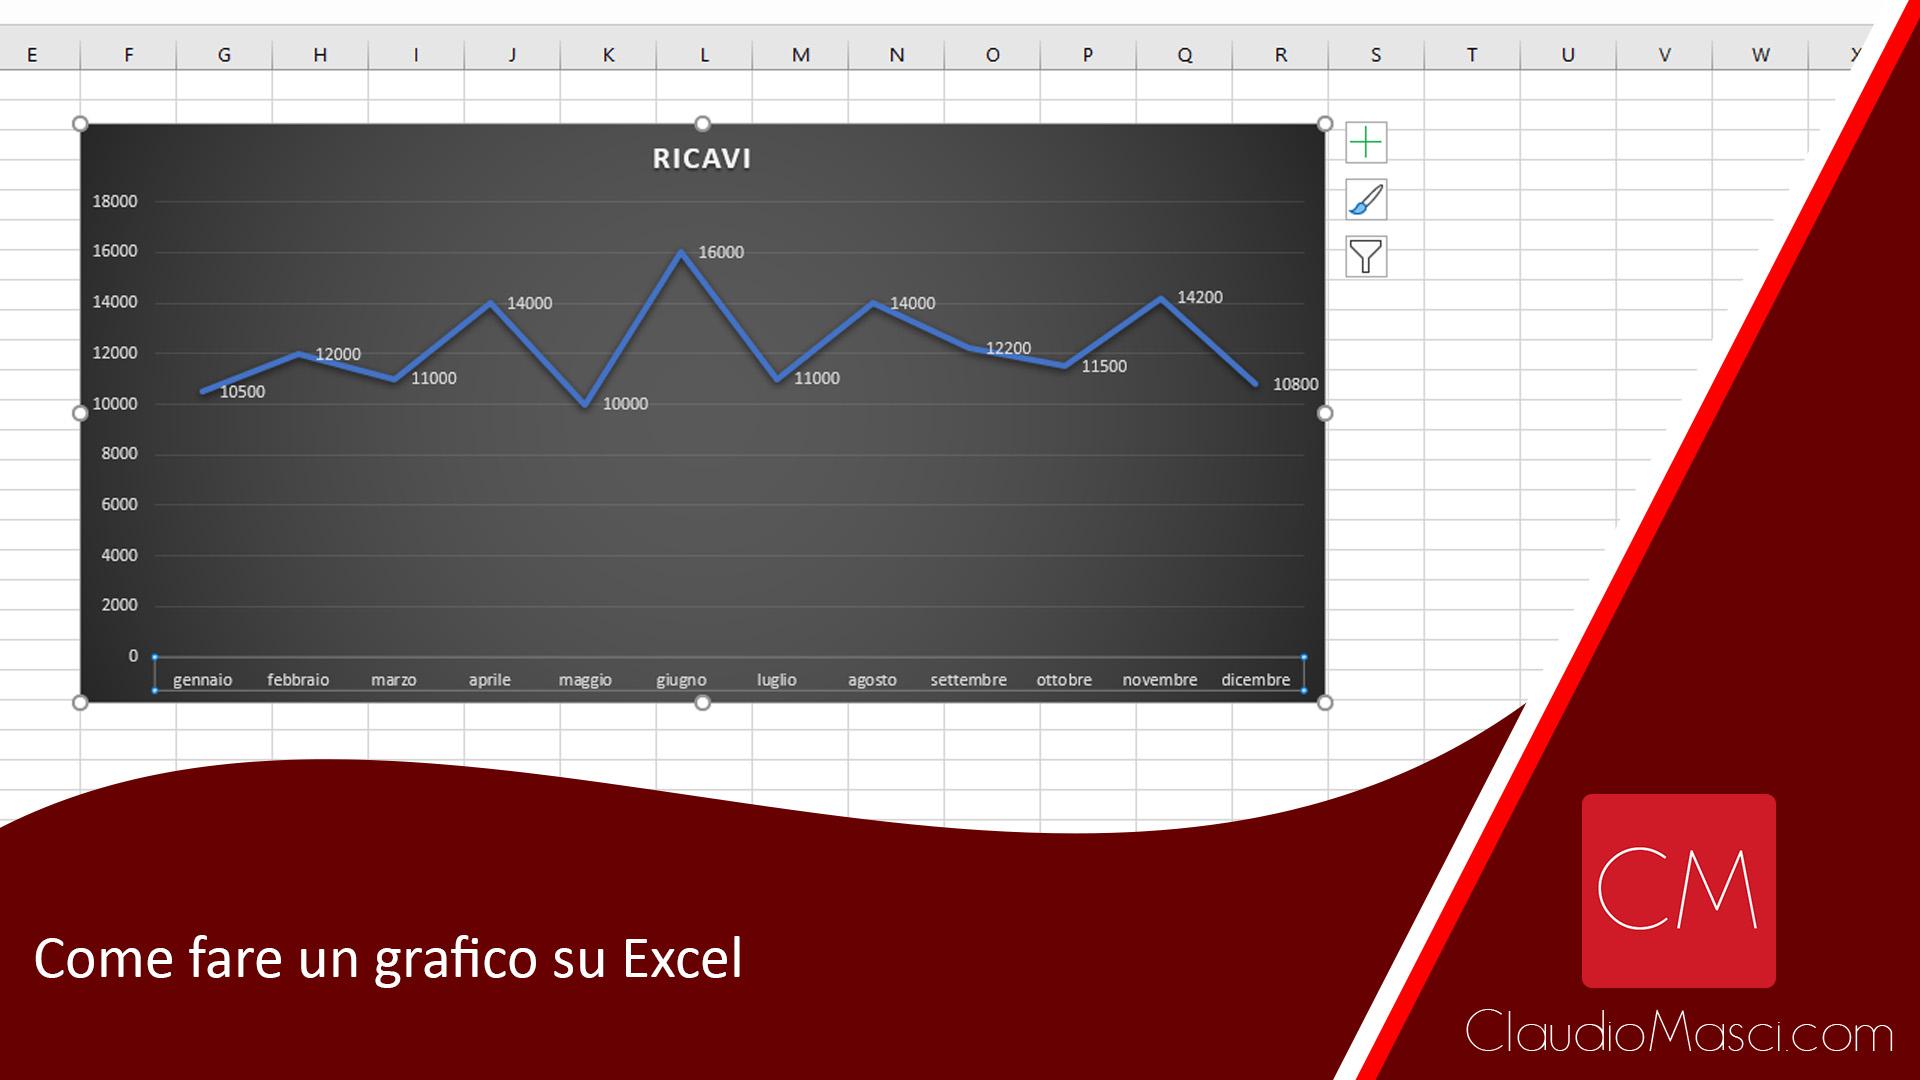 Come fare un grafico su Excel